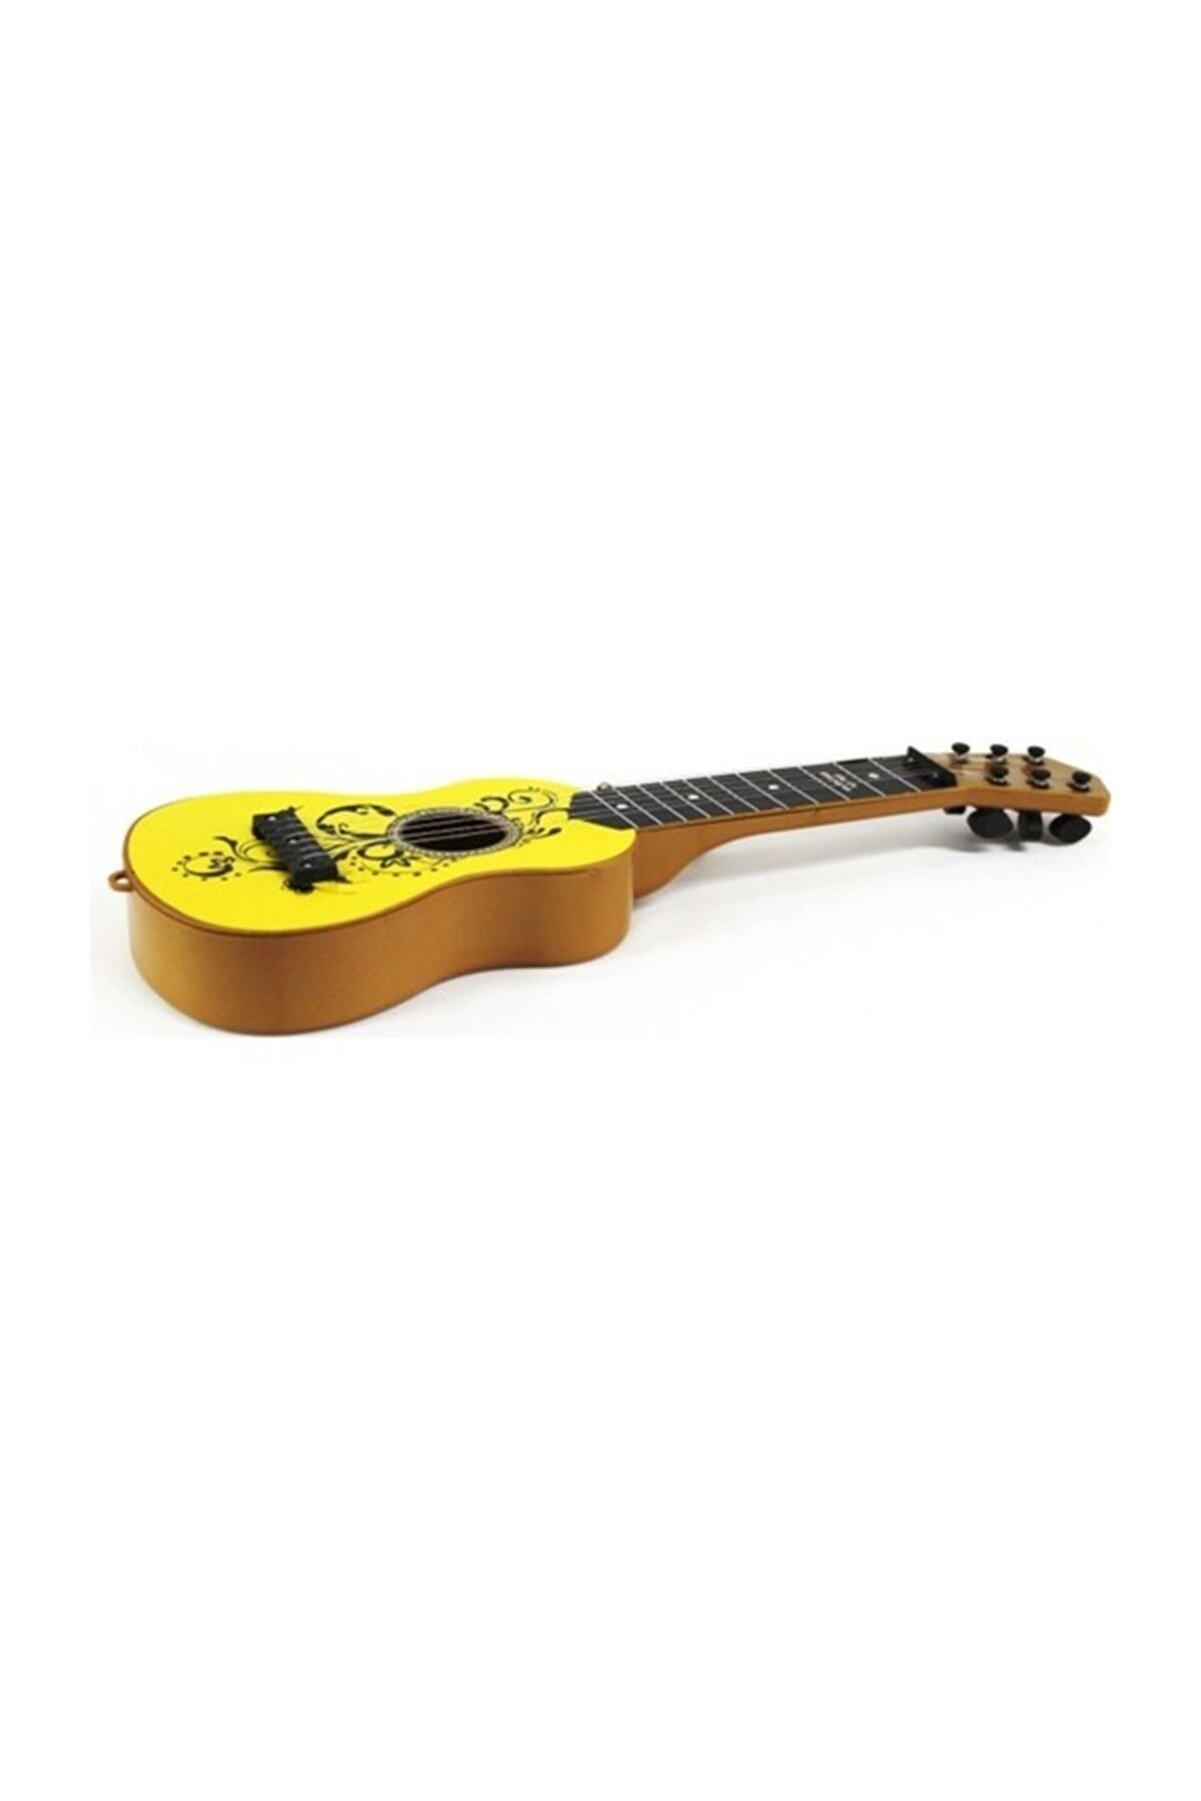 aslan oyuncak Ispanyol Gitar Sarı Renk Müzik Aleti